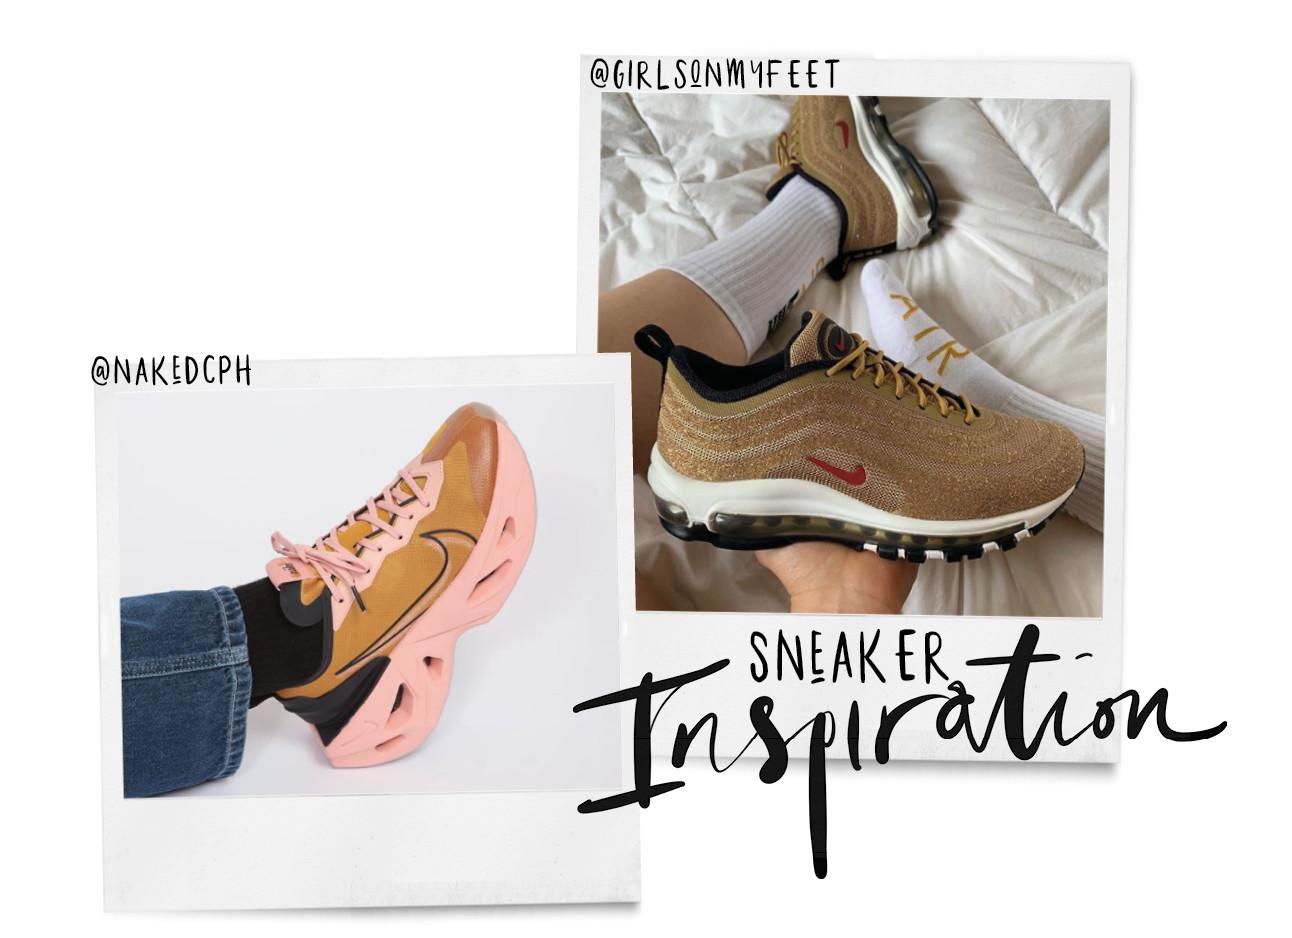 verschillende sneakers op instagram